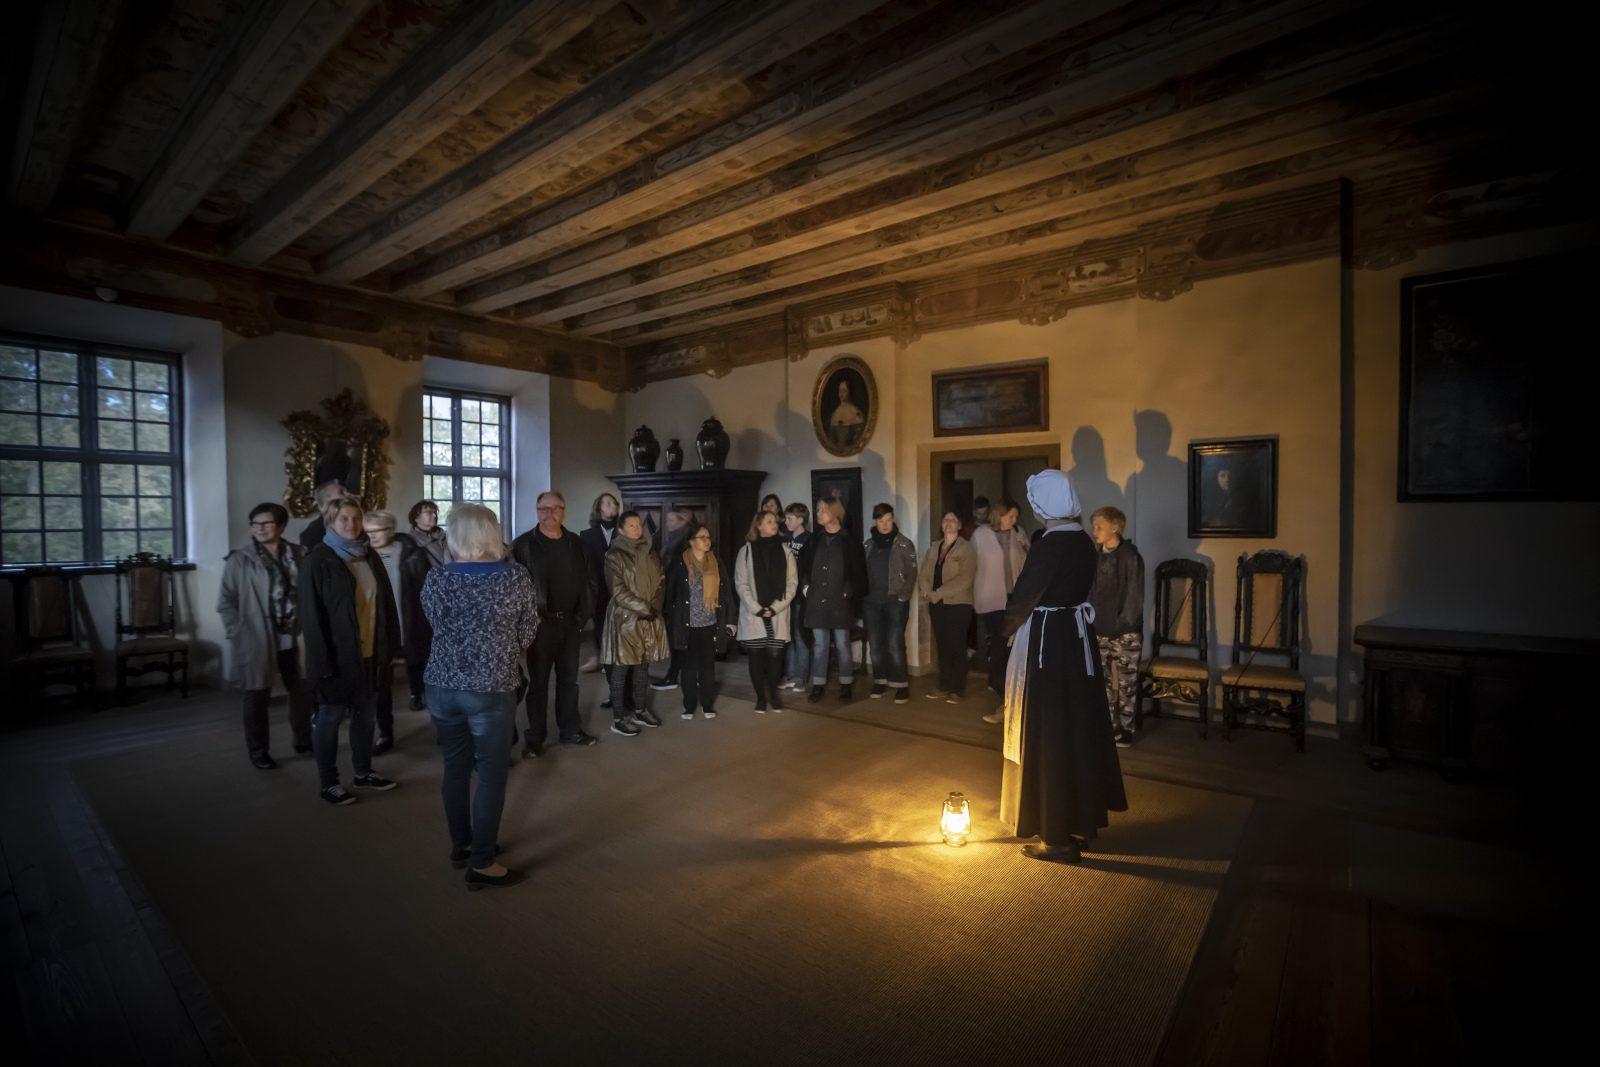 Louhisaaren kartanon hämärä juhlasali, ryhmä Louhisaaren kummituskierrokselle osallistuvia seisoo puoliympyrässä oppaan ja lattialla olevan lyhdyn ympärillä.